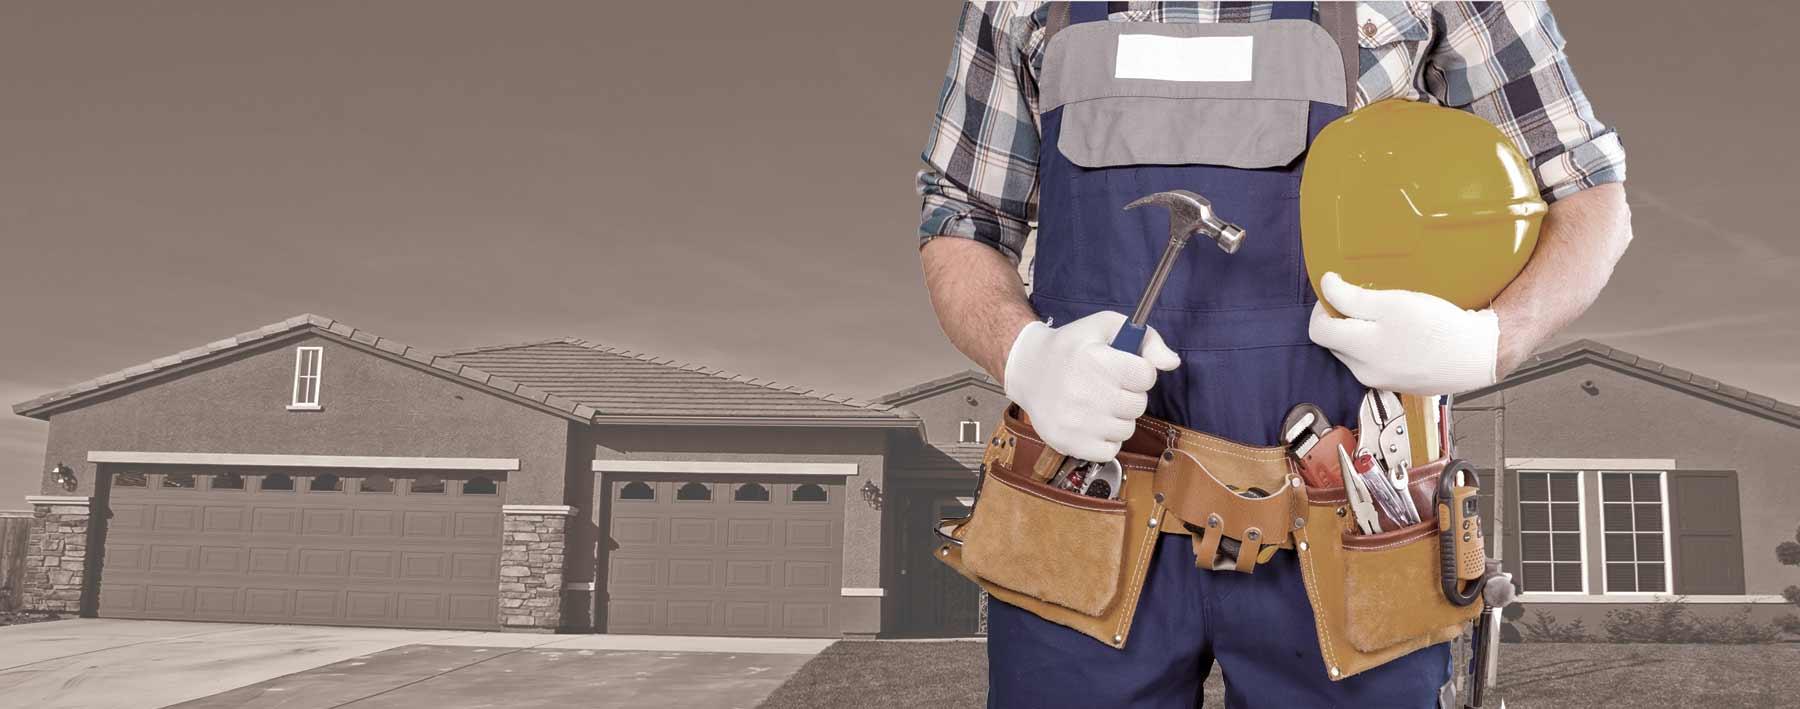 Garage door repair service and installation in phoenix az for Garage door repair phoenix